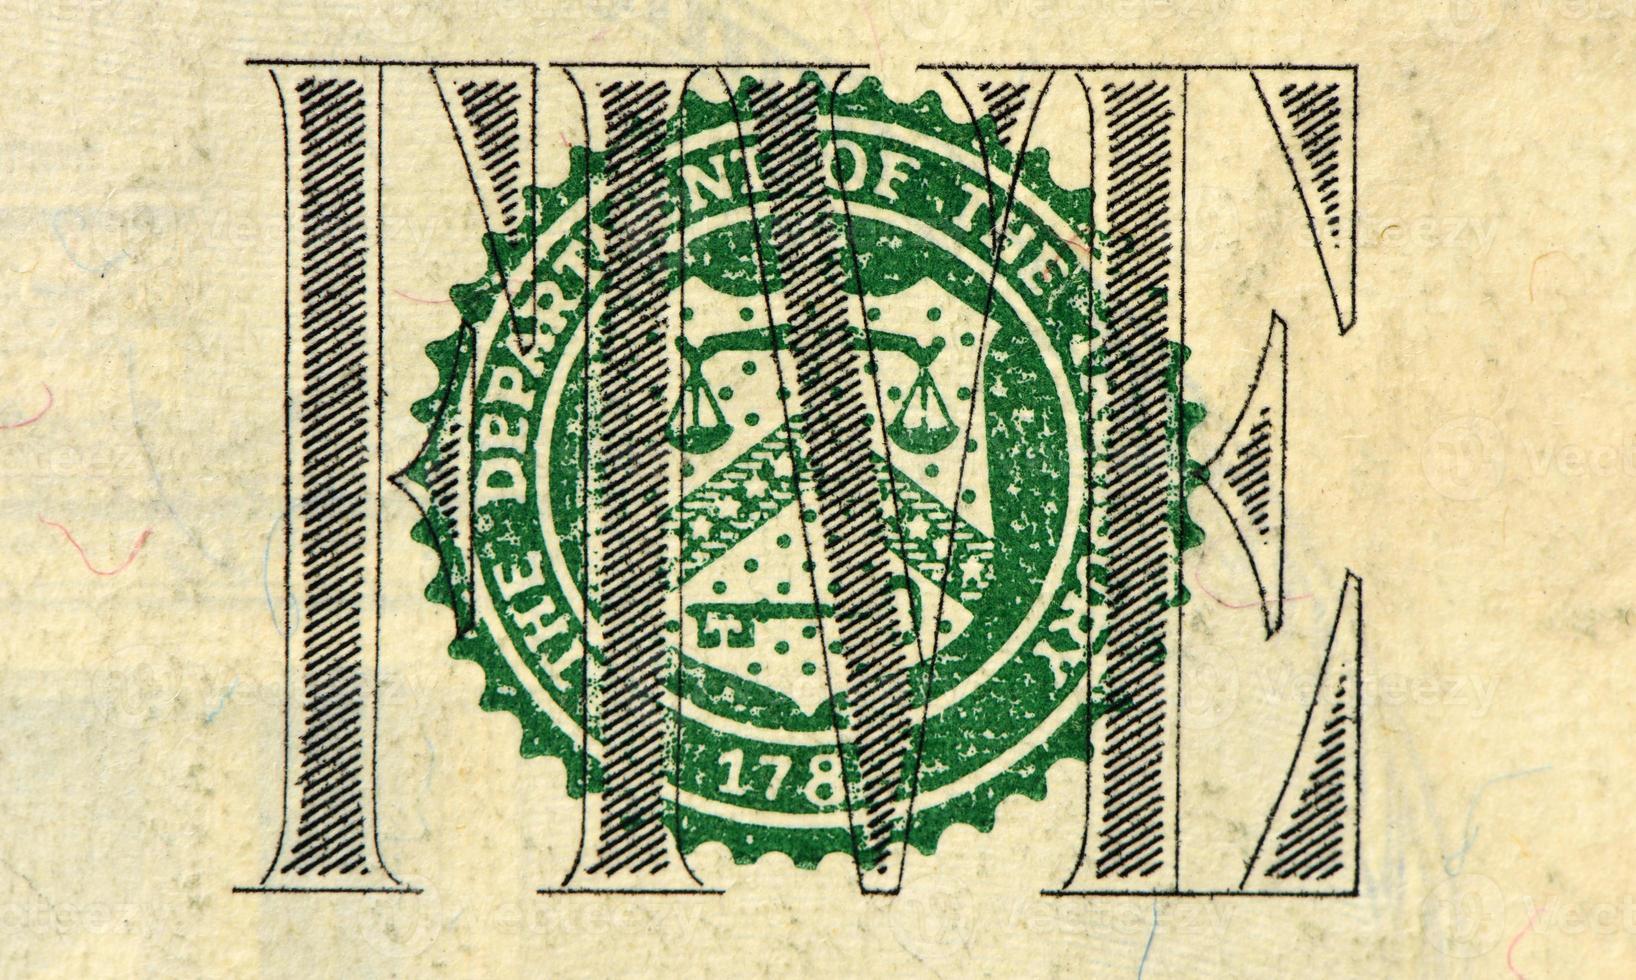 nota de dólar foto